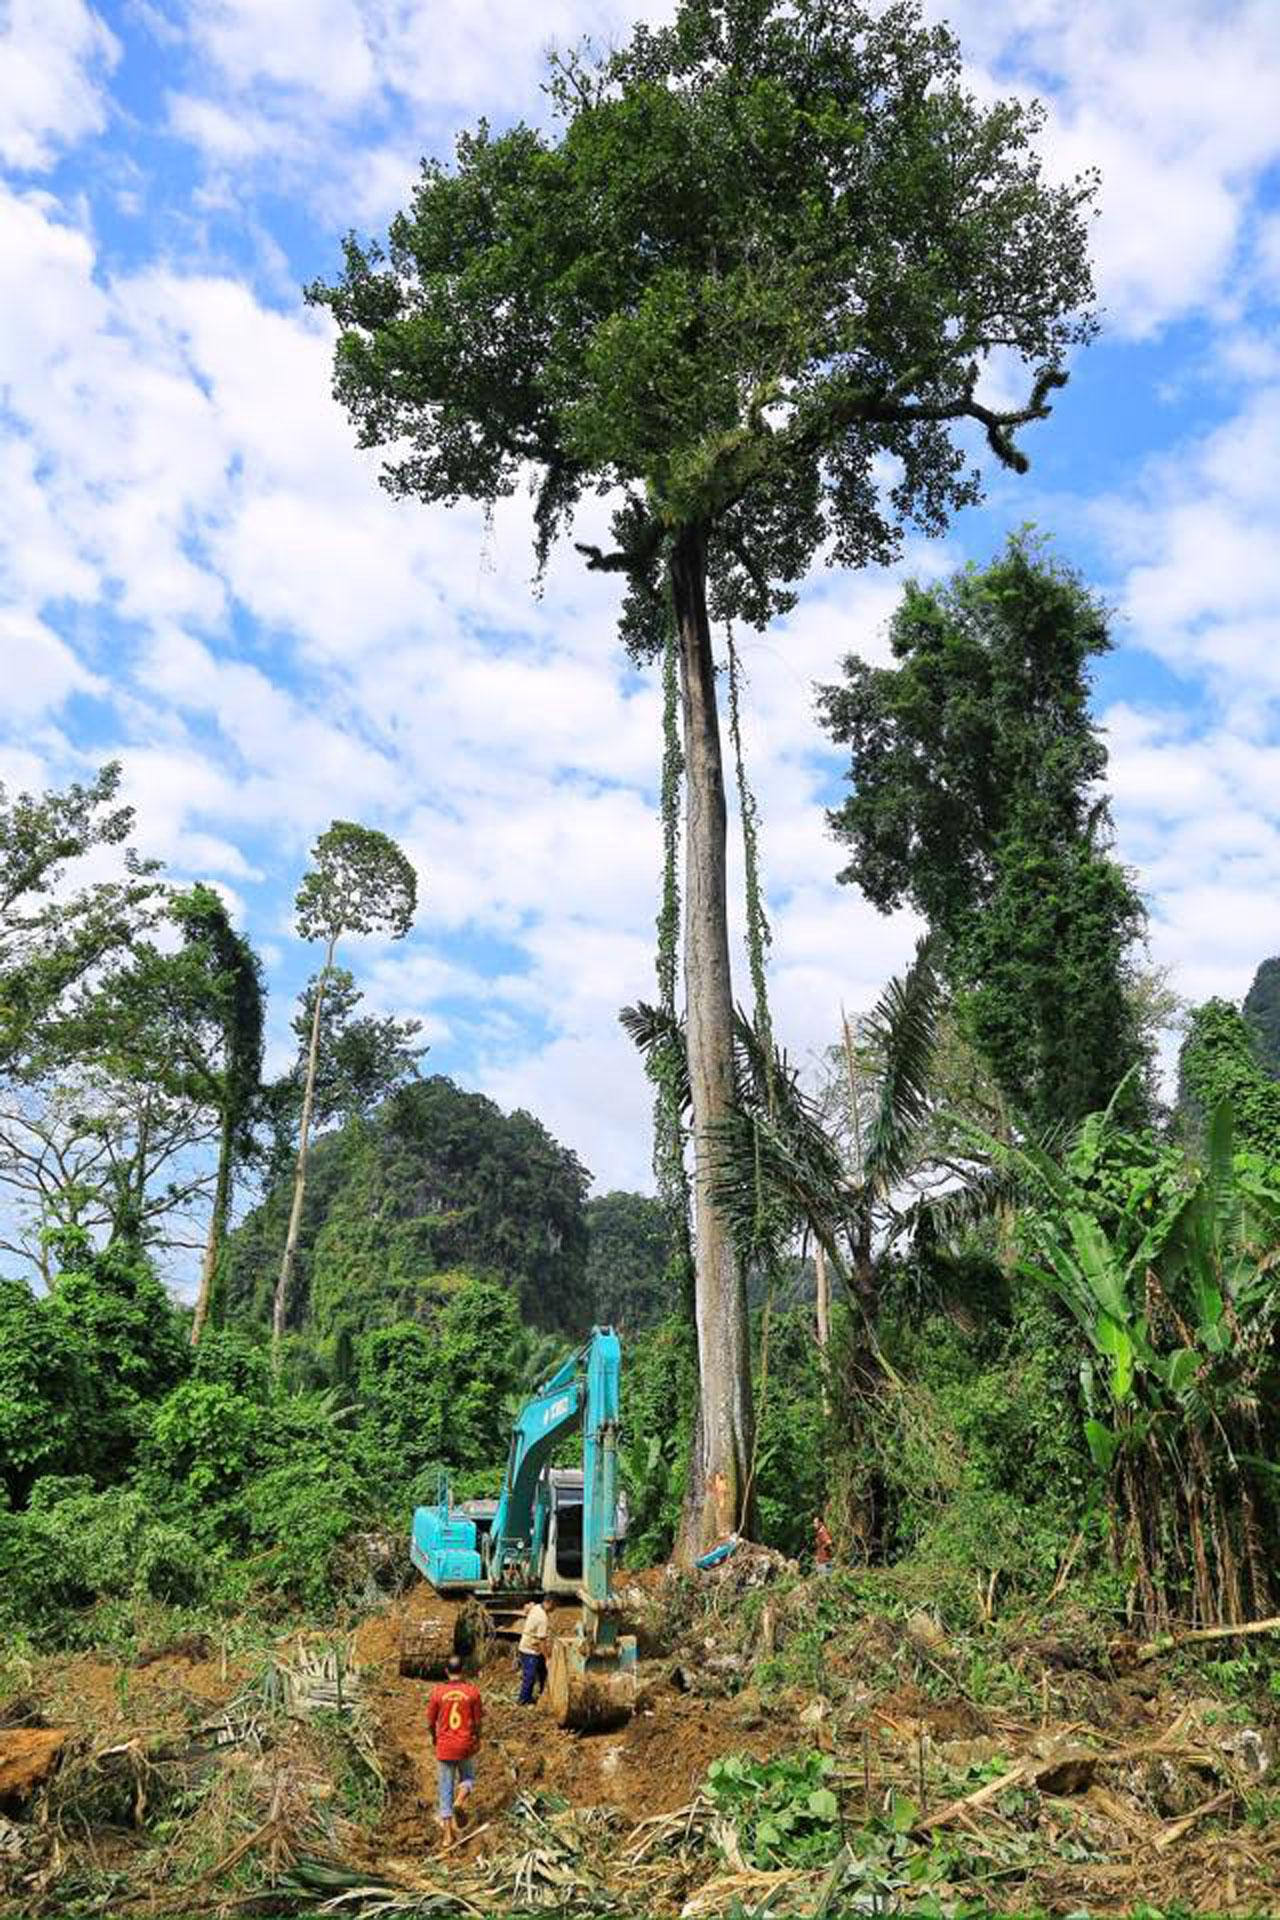 ต้นมะหาดสูงใหญ่ อายุกว่าร้อยปี